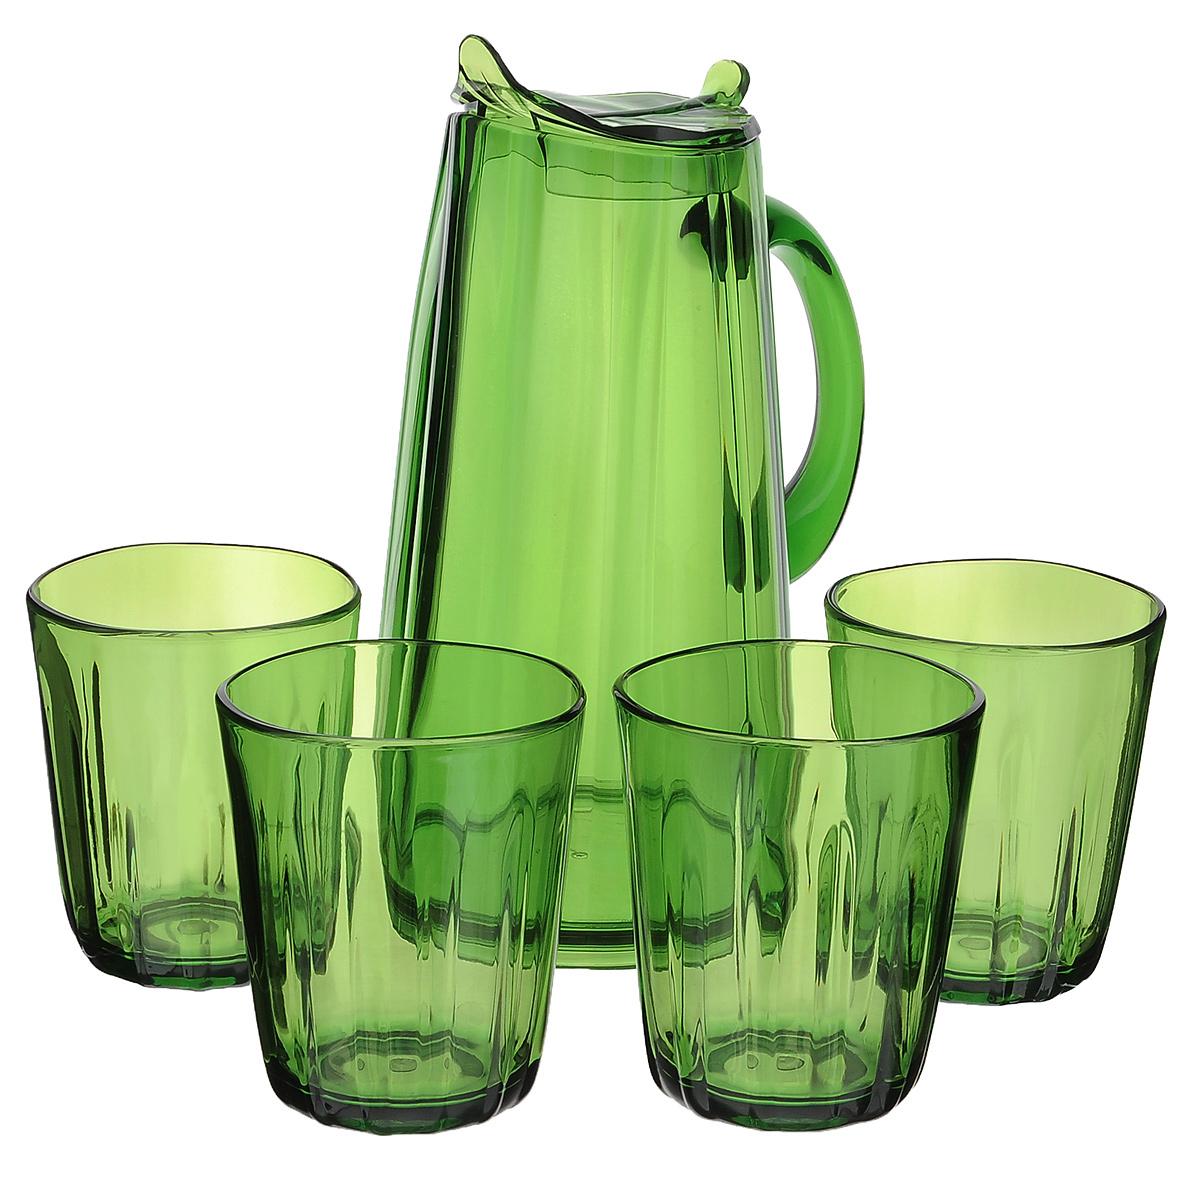 Набор для сока Louis Gourmet Листок, цвет: зеленый, 5 предметовGL 1902Набор для сока Louis Gourmet Листок выполнен из высококачественного пластика. Набор состоит из графина с крышкой и 4 стаканов. Графин и стаканы выполнены в оригинальном дизайне и украсят любой праздничный стол. Благодаря такому набору пить напитки будет еще вкуснее. Набор для сока Louis Gourmet Листок станет также отличным подарком на любой праздник.Высота стенок графина: 23,5 см.Объем графина: 1,75 л.Диаметр графина по верхнему краю: 8 см.Высота стакана: 10,5 см.Объем стакана: 400 мл.Диаметр стакана по верхнему краю: 8,5 см.